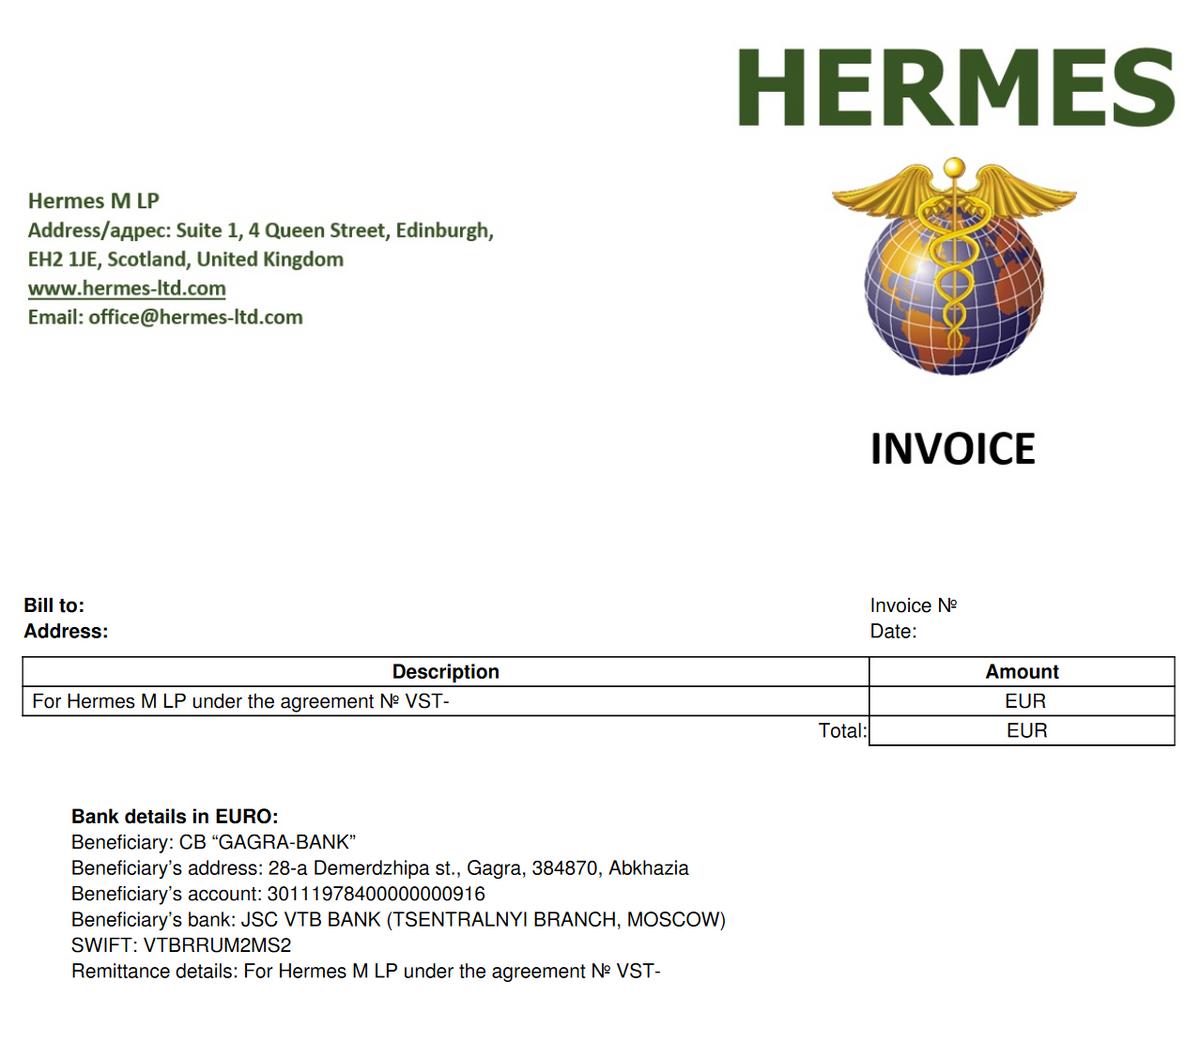 Чтобы пополнить счет «Виста» в белизской компании, деньги предлагается перевести шотландской компании на счет в абхазском банке. Ничуть не странно